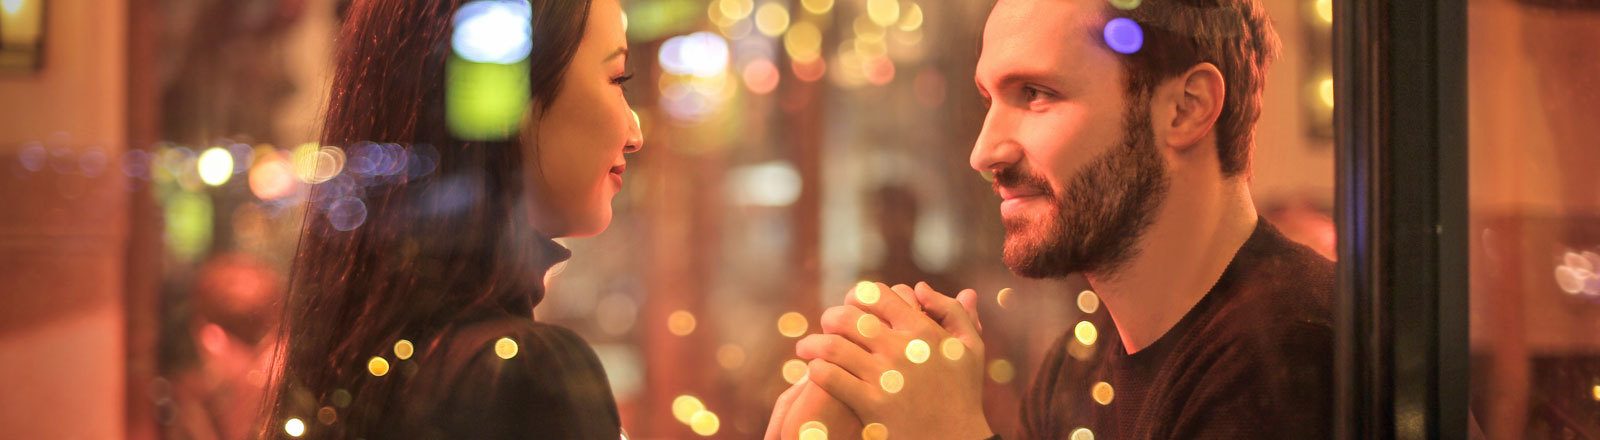 Ein Paar sitzt im Restaurant und hält die Hand, Sie schauen sich in die Augen. Wir blicken von draußen durch das Fenster drauf.